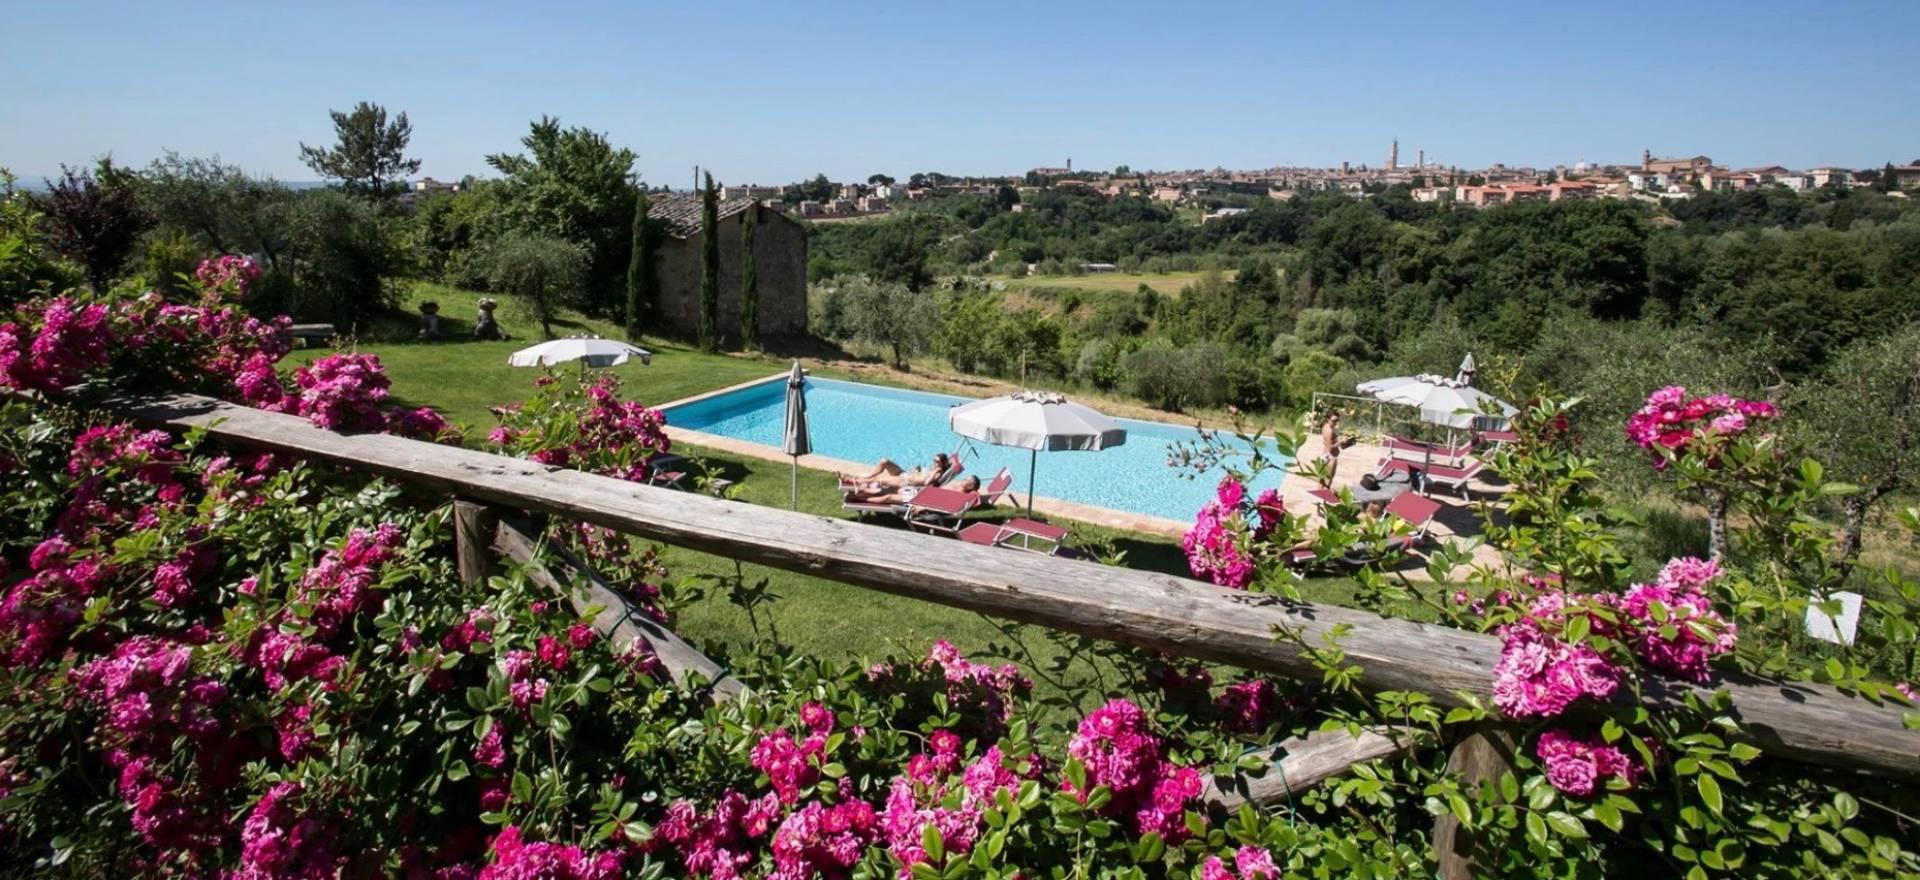 Agriturismo Toscane Elegante agriturismo met fantastisch uitzicht op Siena